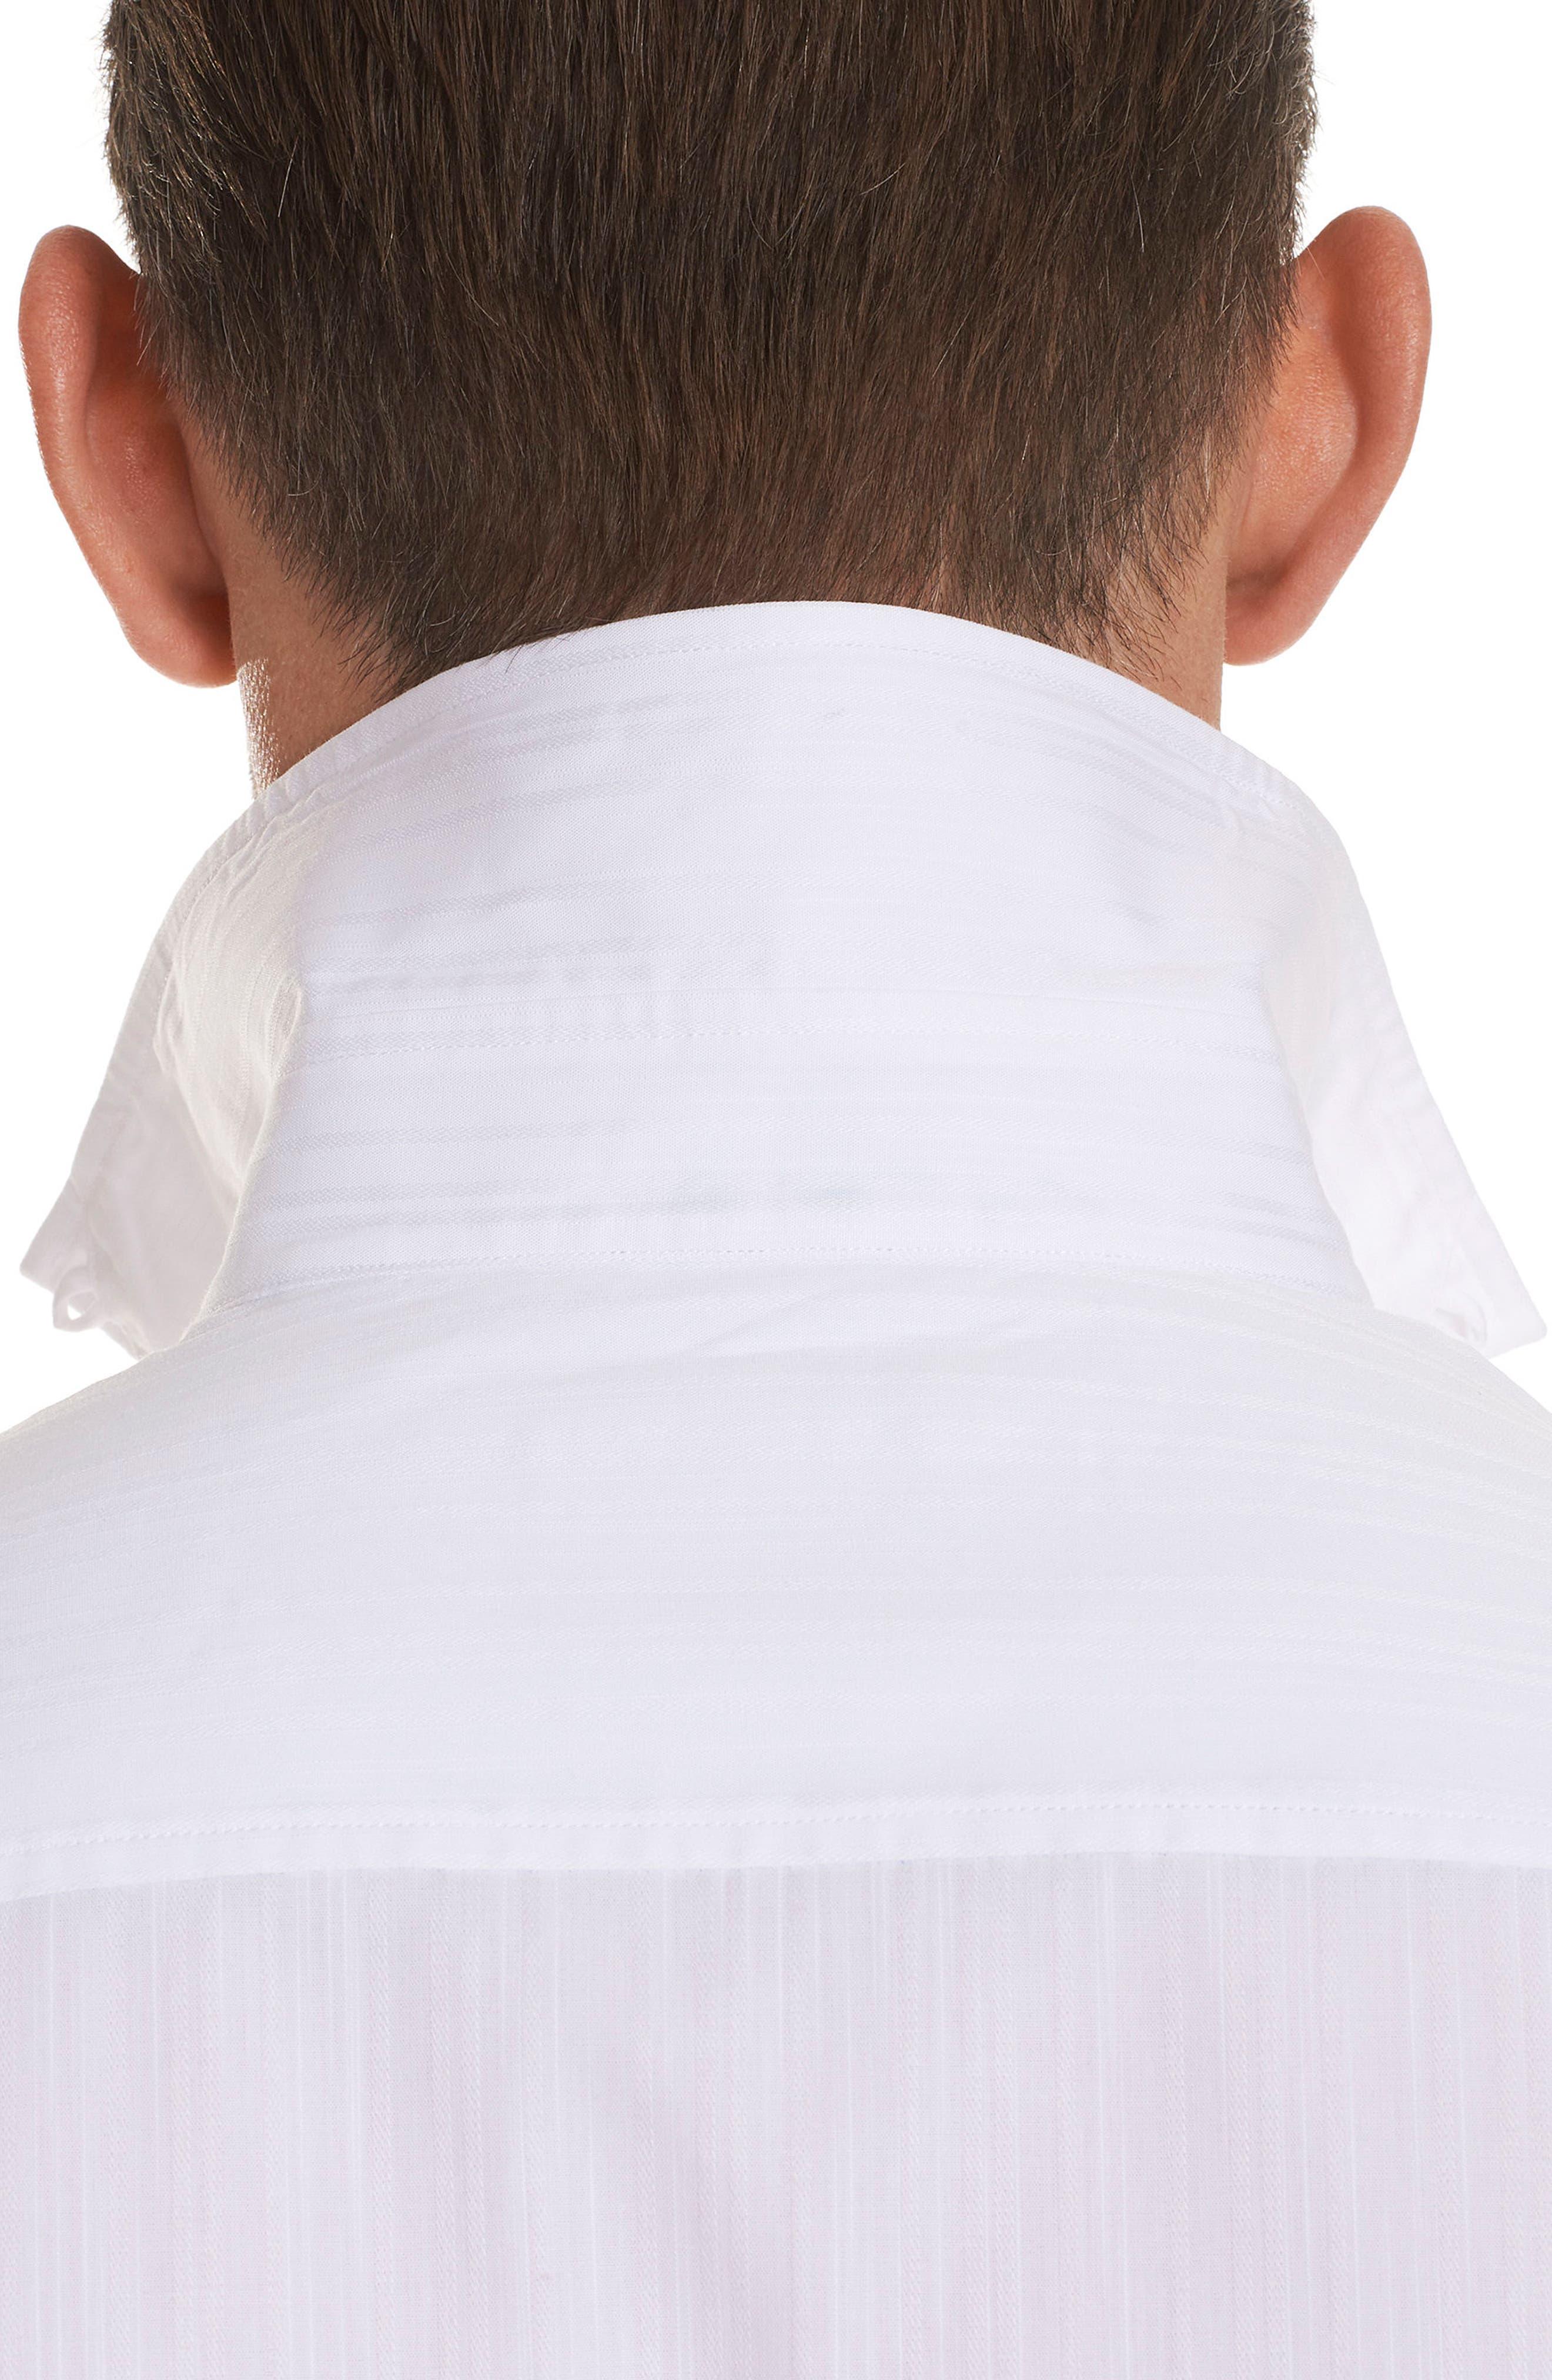 Livingston Regular Fit Short Sleeve Sport Shirt,                             Alternate thumbnail 4, color,                             100